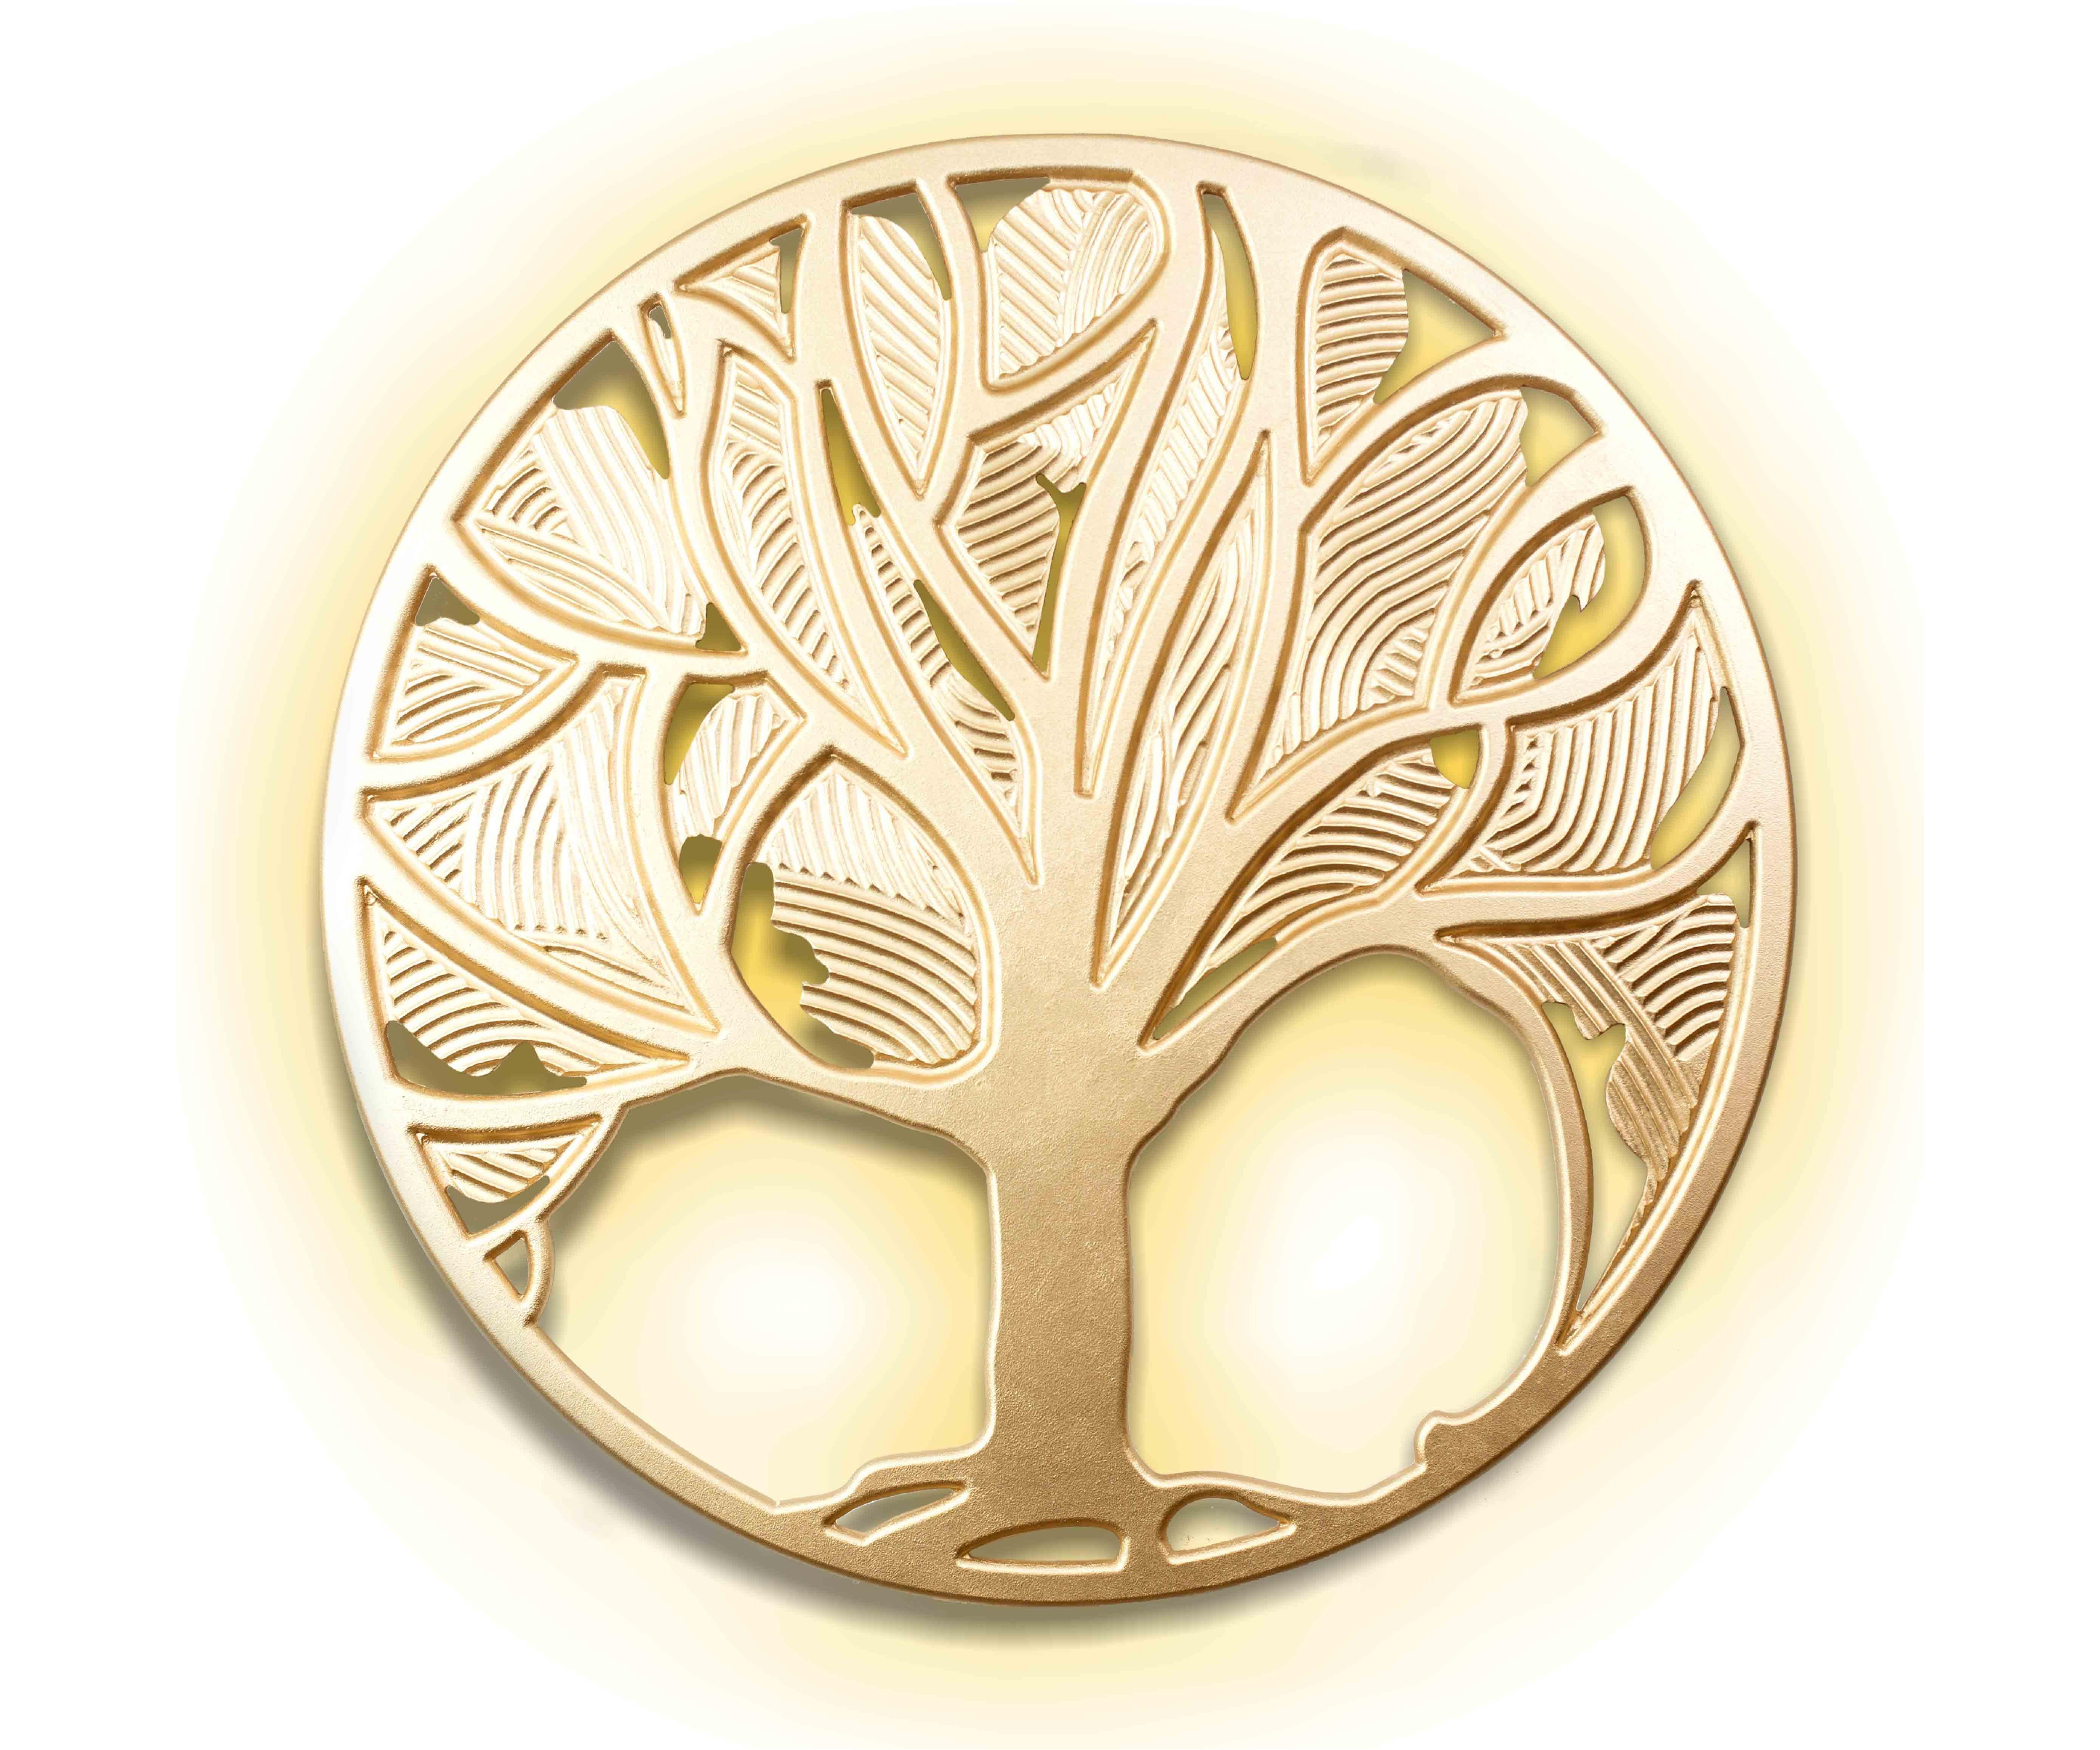 Панно Древо жизни FelicityПанно<br>&amp;lt;span style=&amp;quot;line-height: 24.9999px;&amp;quot;&amp;gt;Это эксклюзивное панно ручной работы вырезано из древесины ценных пород и покрыто золотой краской. Встроенная подсветка из 4 светодиодных лампочек создает вокруг &amp;quot;древа жизни&amp;quot; мягкое уютное свечение. Таким образом, панно можно использовать не только как настенное украшение, но и как дополнительный источник точечного освещения. Вес изделия - 7 кг.&amp;lt;/span&amp;gt;<br><br>Material: Дерево<br>Length см: None<br>Width см: None<br>Depth см: 0,8<br>Height см: None<br>Diameter см: 90